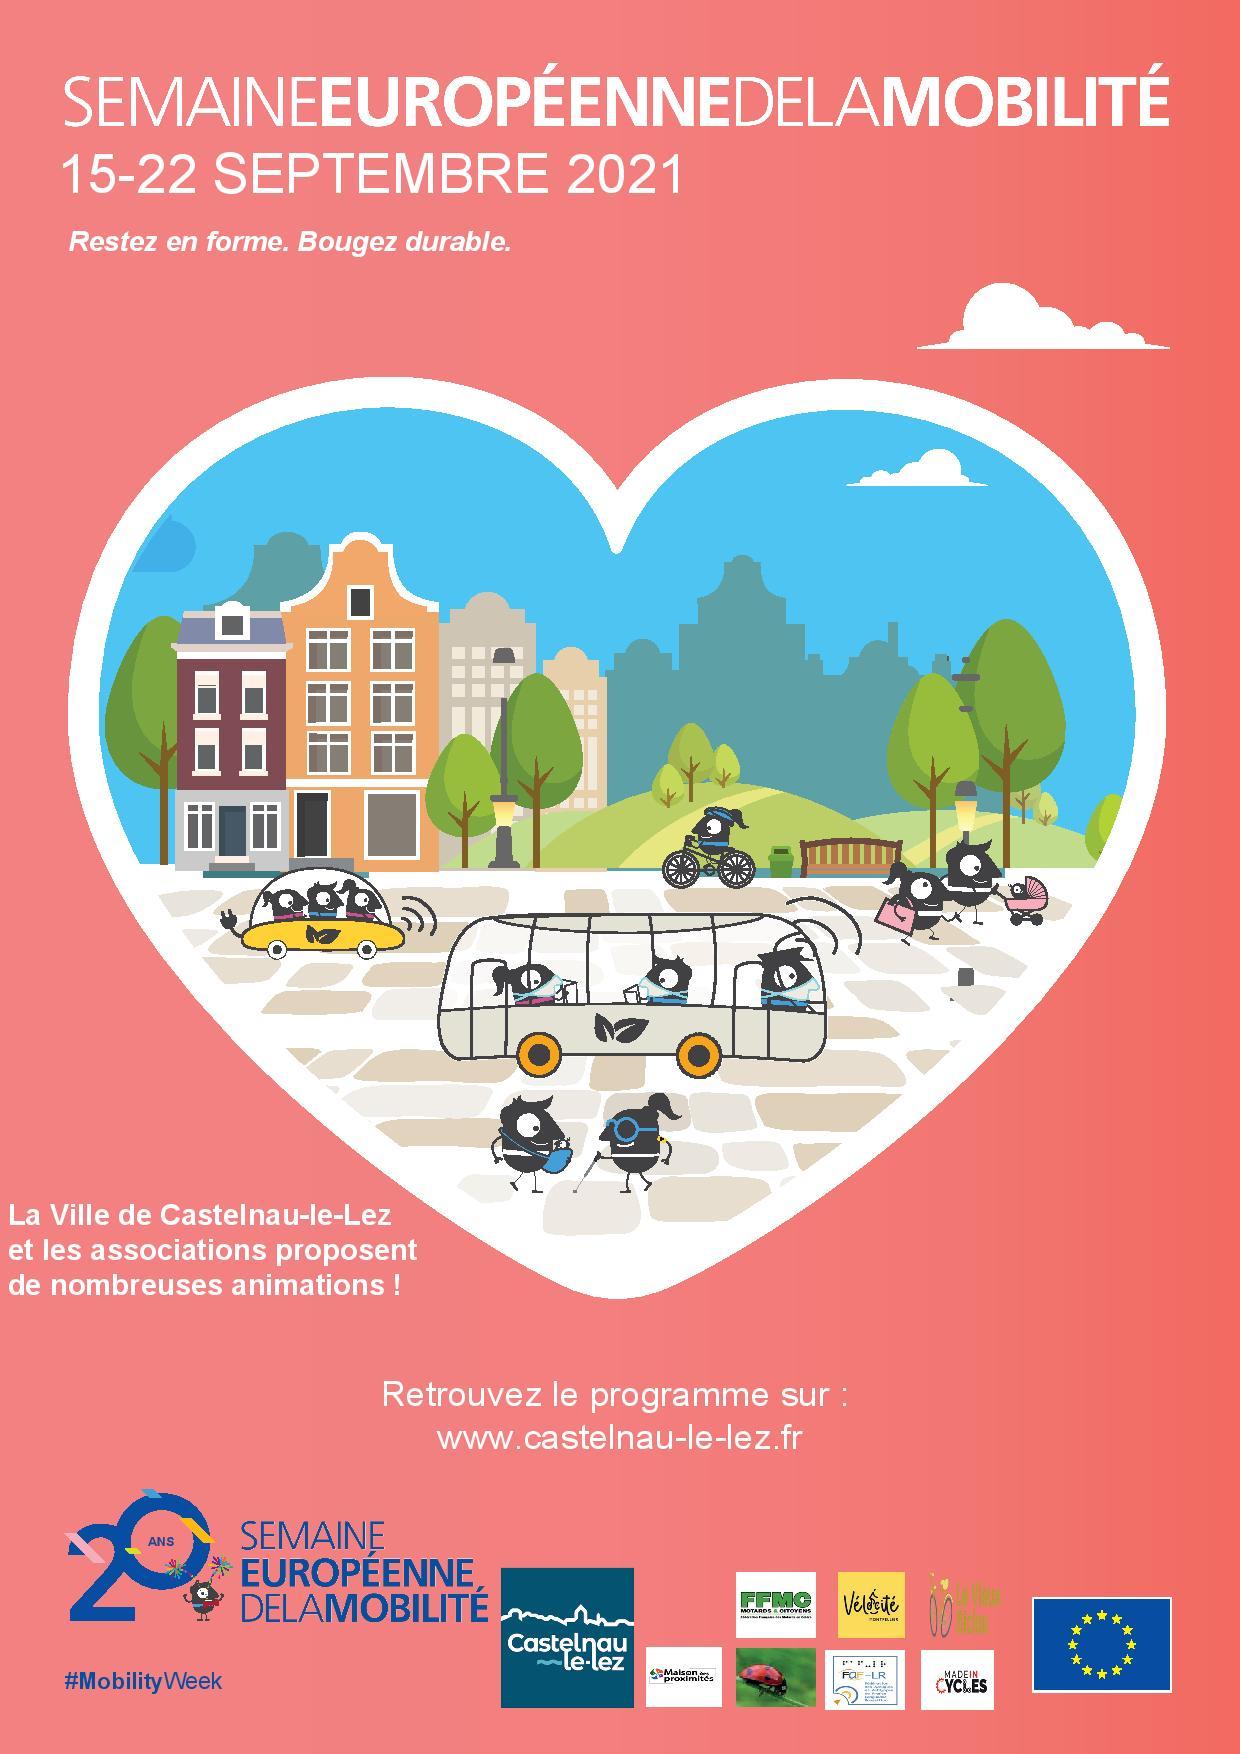 Semaine européenne de la mobilité du 15 au 22 septembre à Castelnau